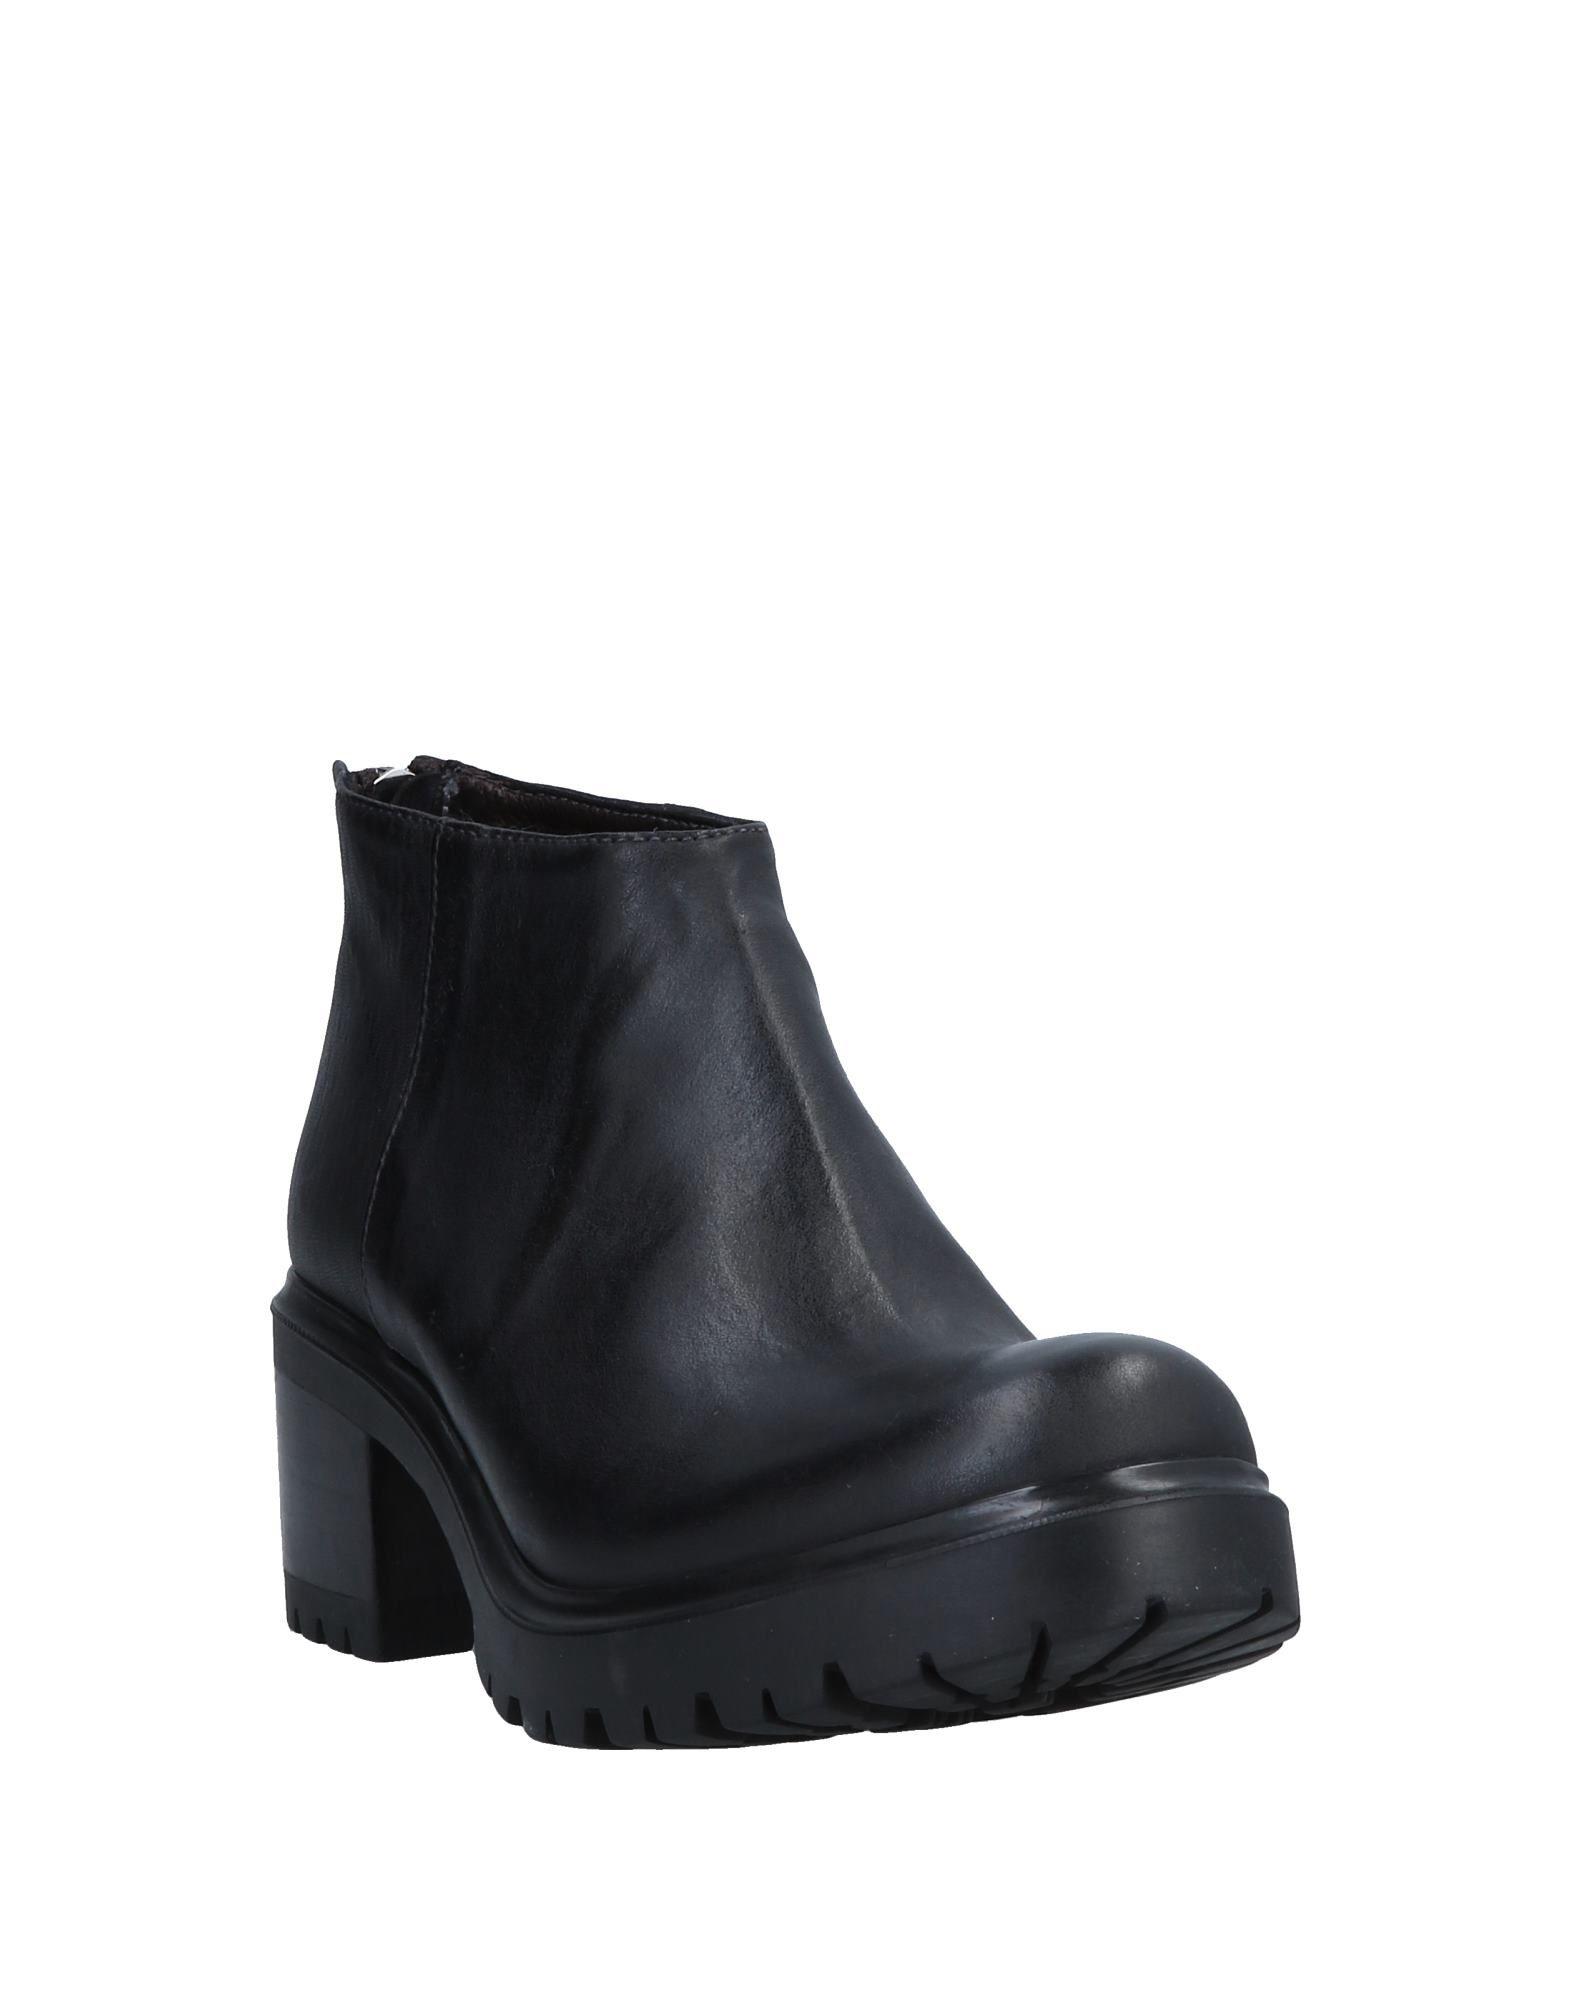 Open Closed  Schuhes Stiefelette Gutes Damen Gutes Stiefelette Preis-Leistungs-Verhältnis, es lohnt sich df1a08